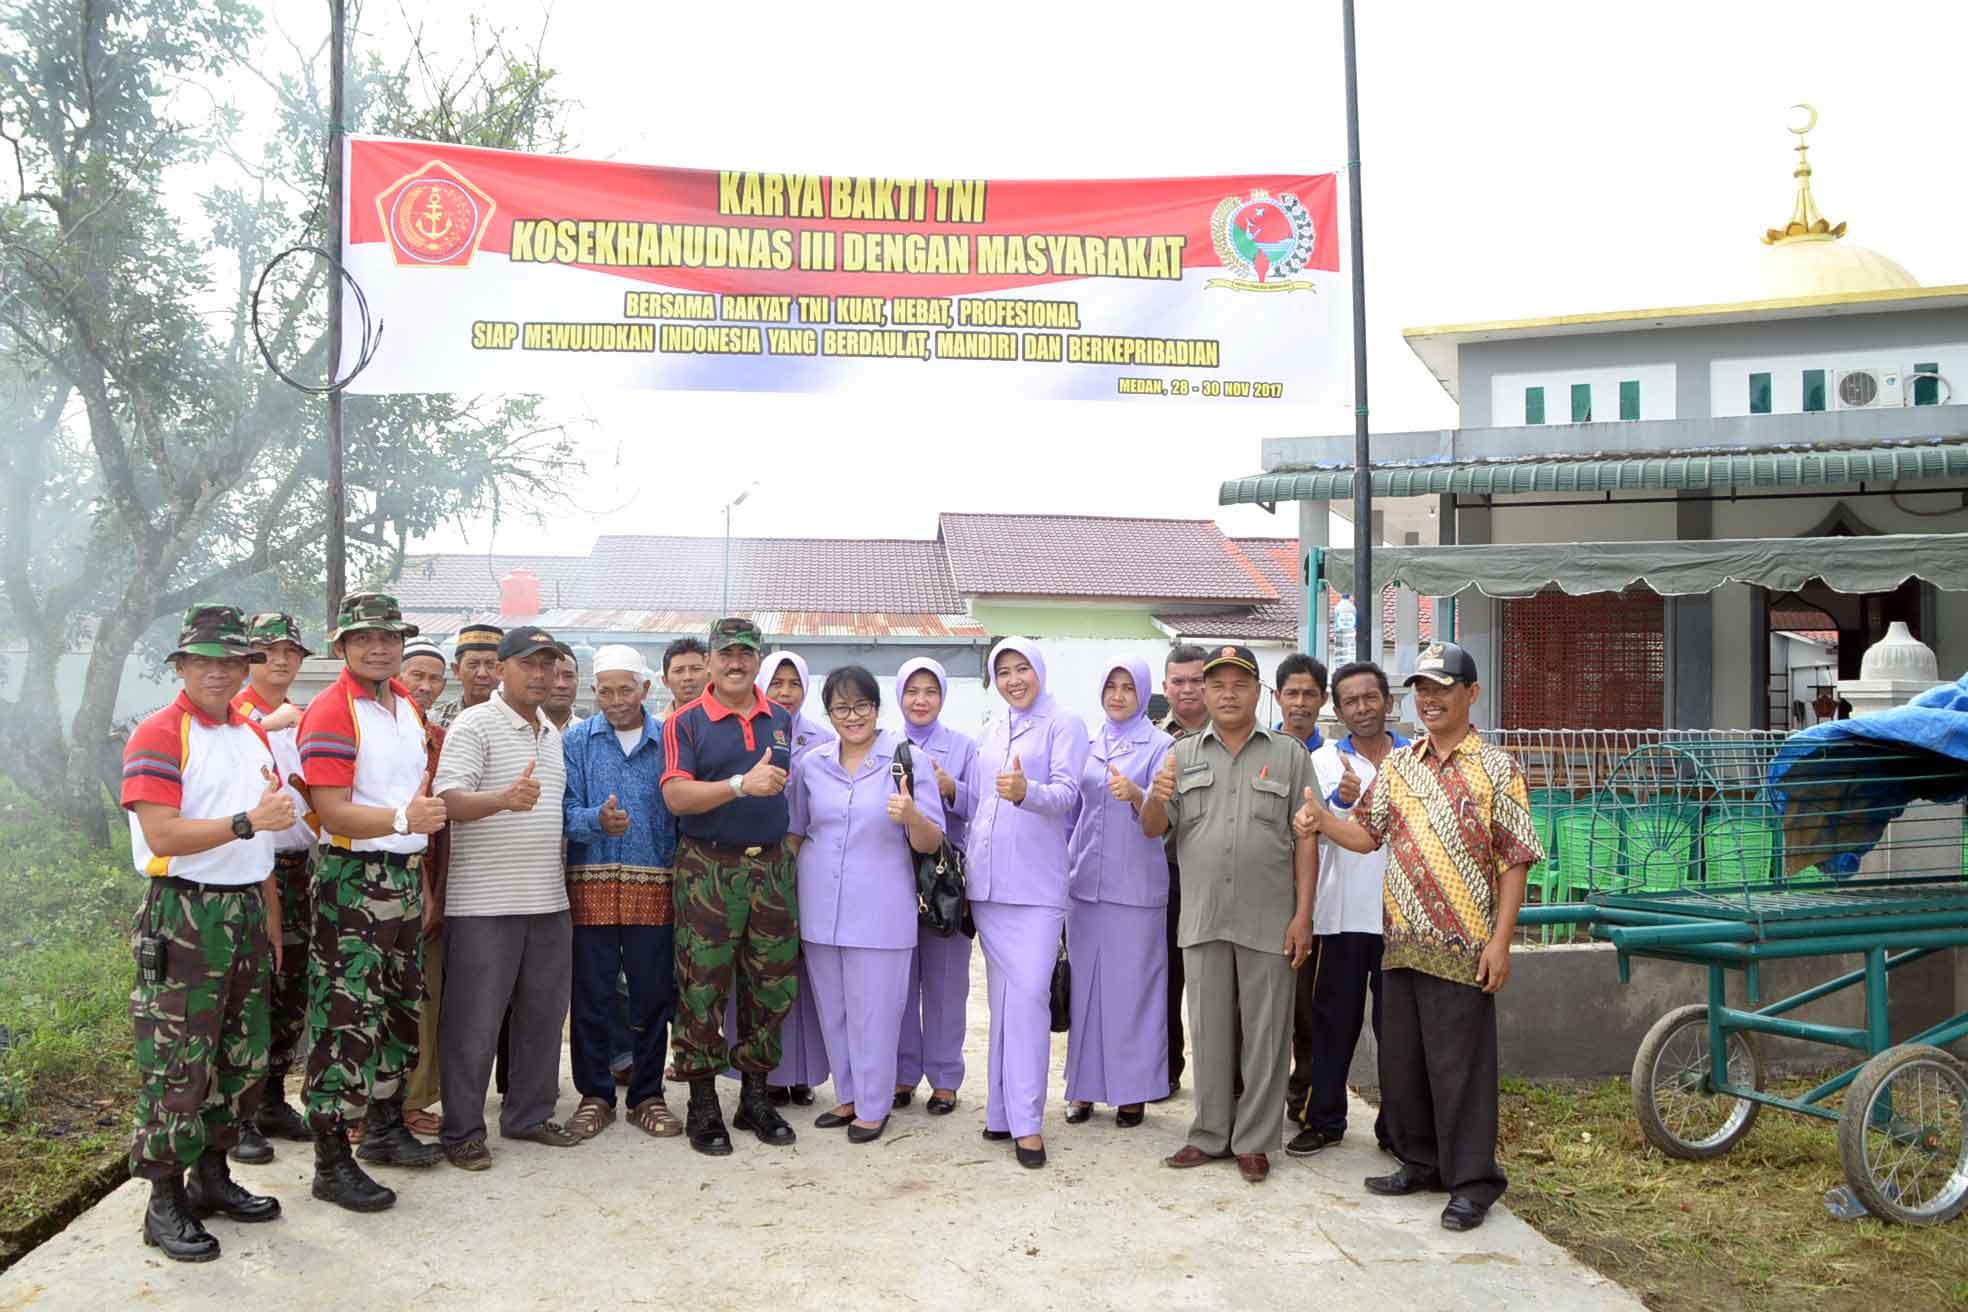 KOSEKHANUDNAS III MELAKSANAKAN KEGIATAN KARYA BHAKTI TNI SEMESTER II TA.2017